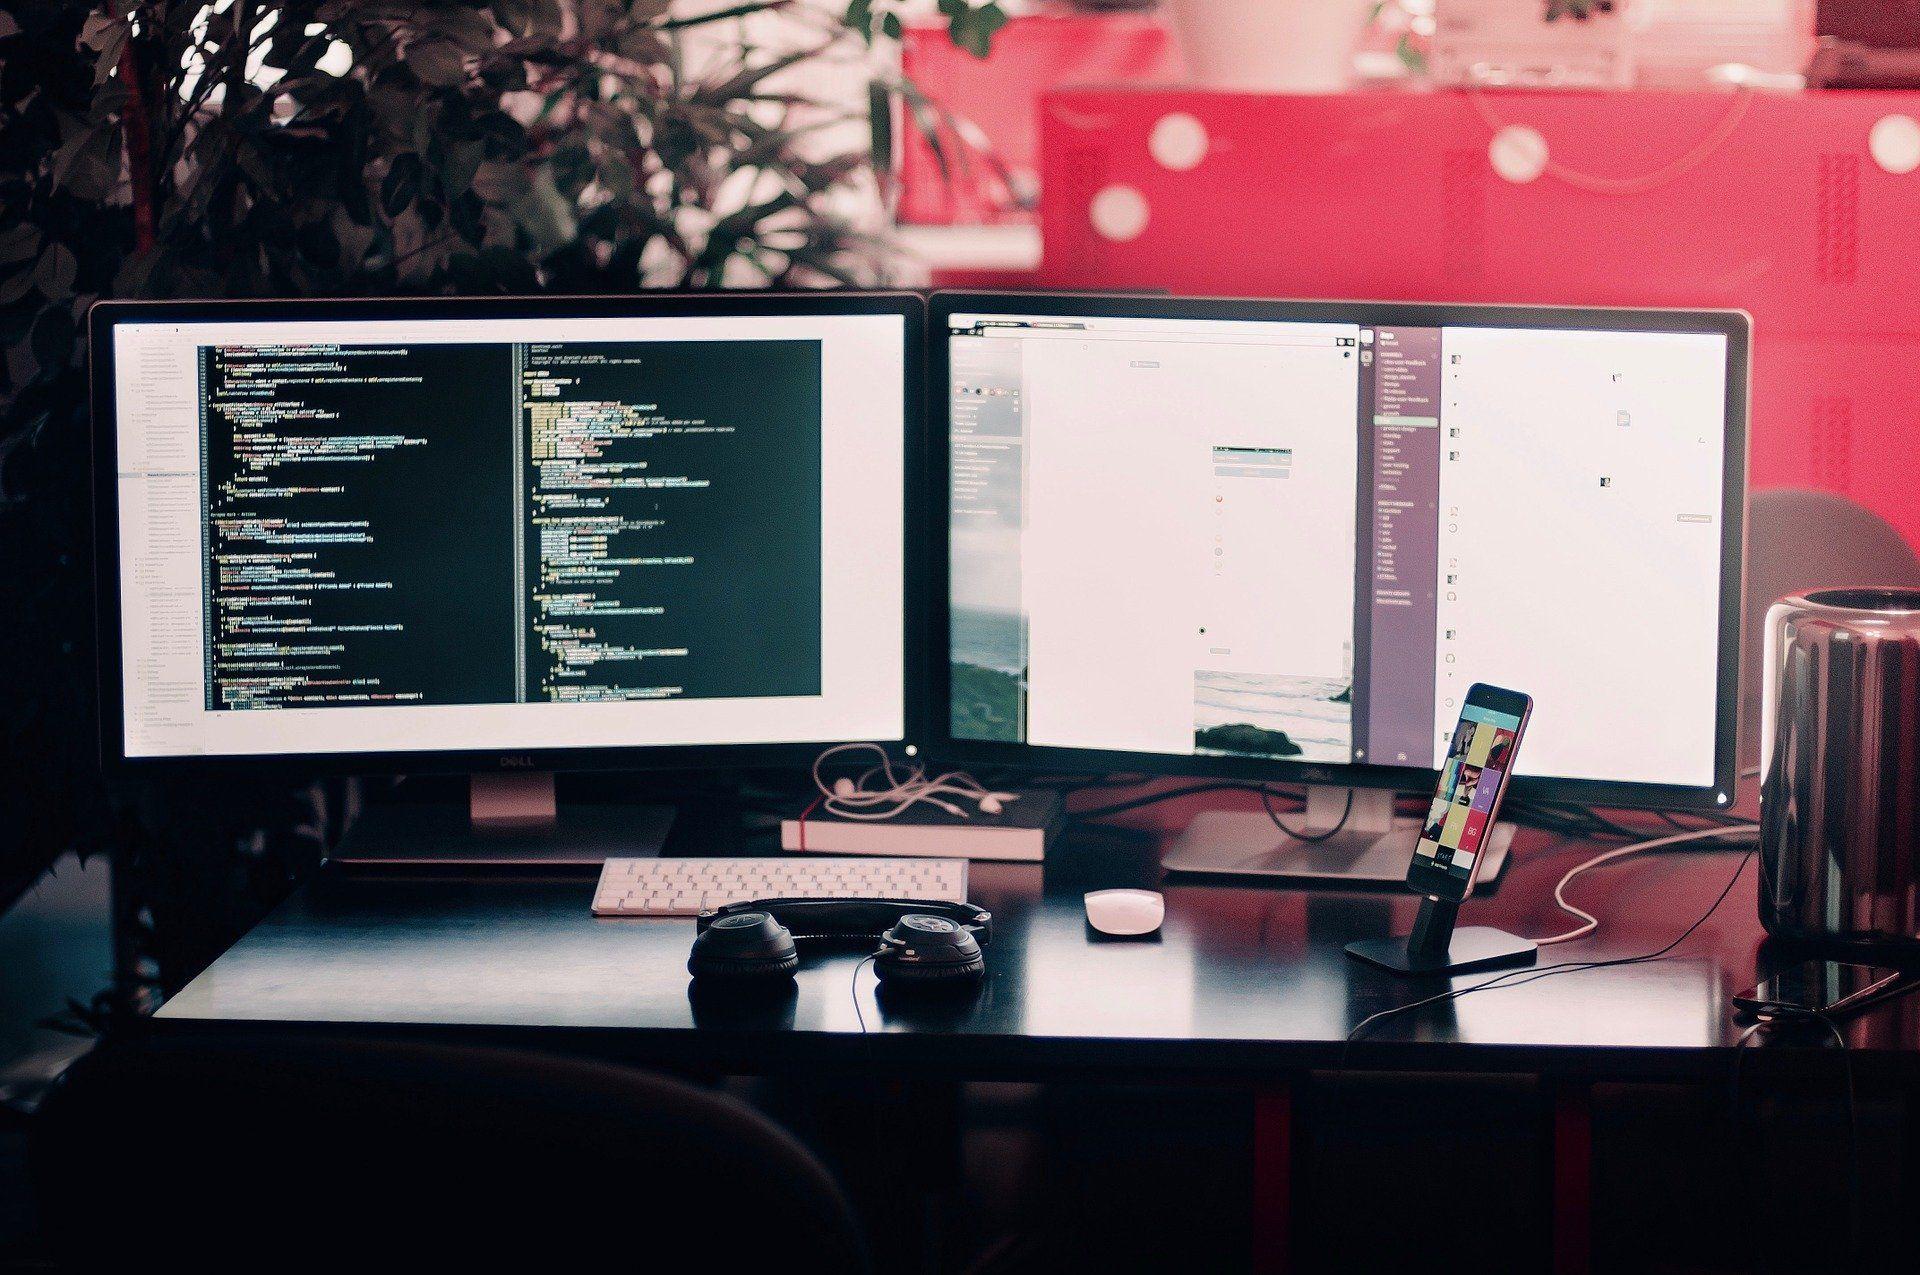 Auf einem Schreibtisch stehen zwei Computerbildschirme sowie ein Smartphone.